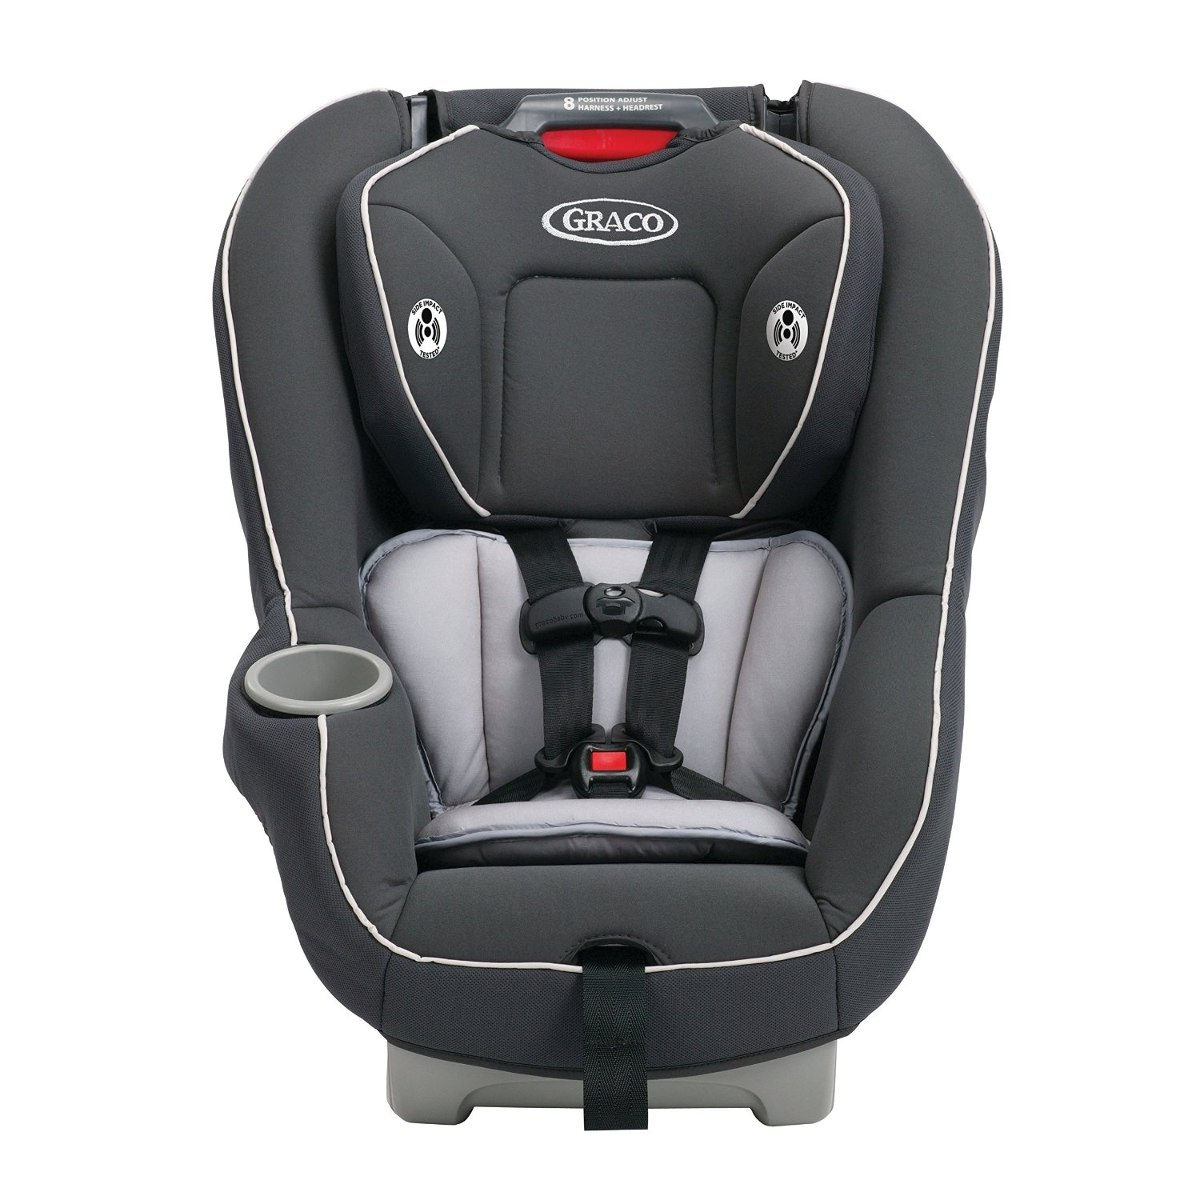 Silla de beb para carro graco contender asiento 65 coche for Sillas para autos para ninos 4 anos